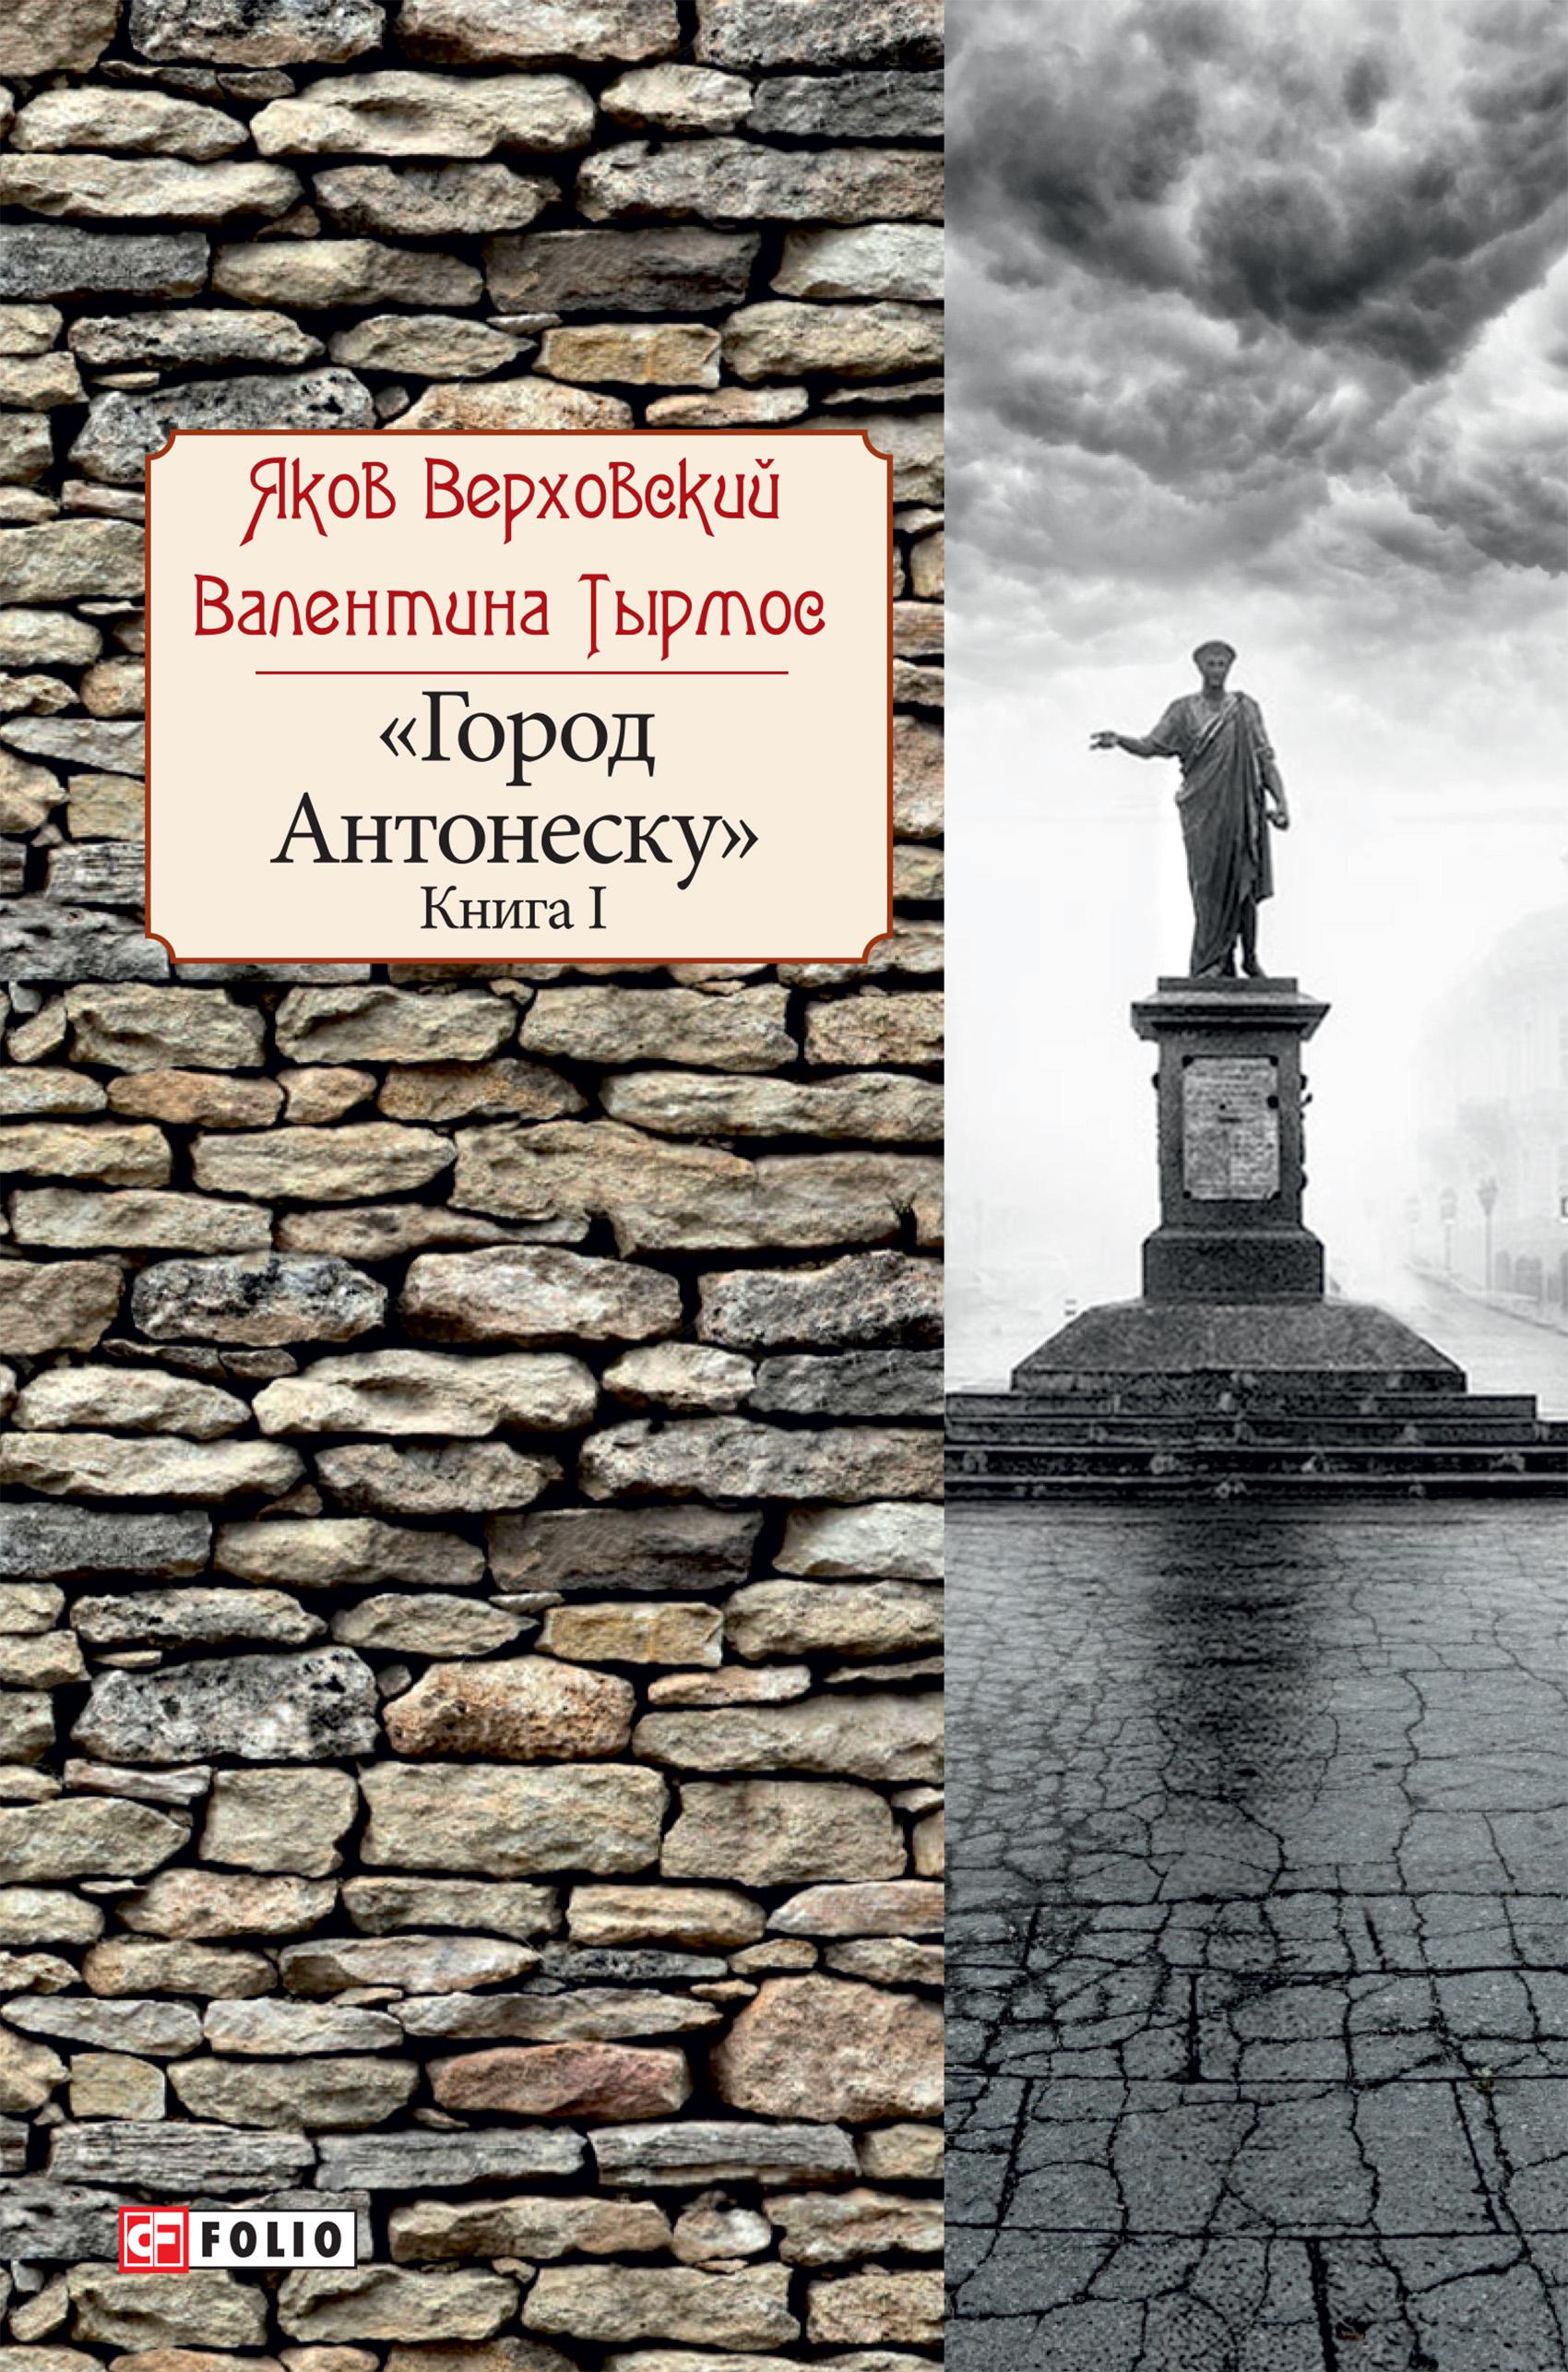 Яків Верховський Город Антонеску. Книга 1